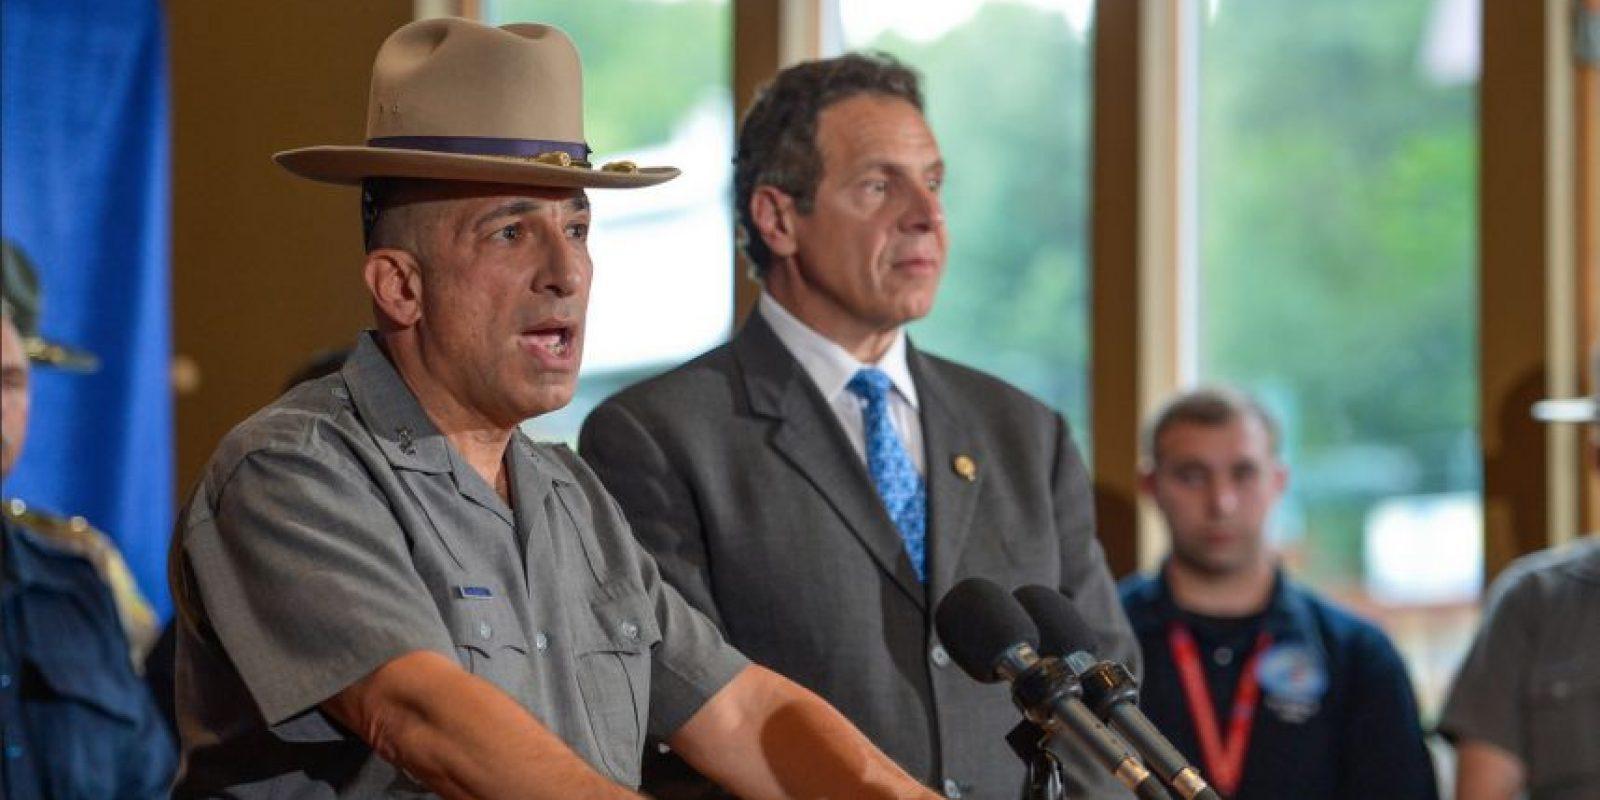 El Superintendente de la Policía Joseph D'Amico, describió cómo Jay Cook logró capturar al criminal. Foto:Vía flickr.com/governorandrewcuomo